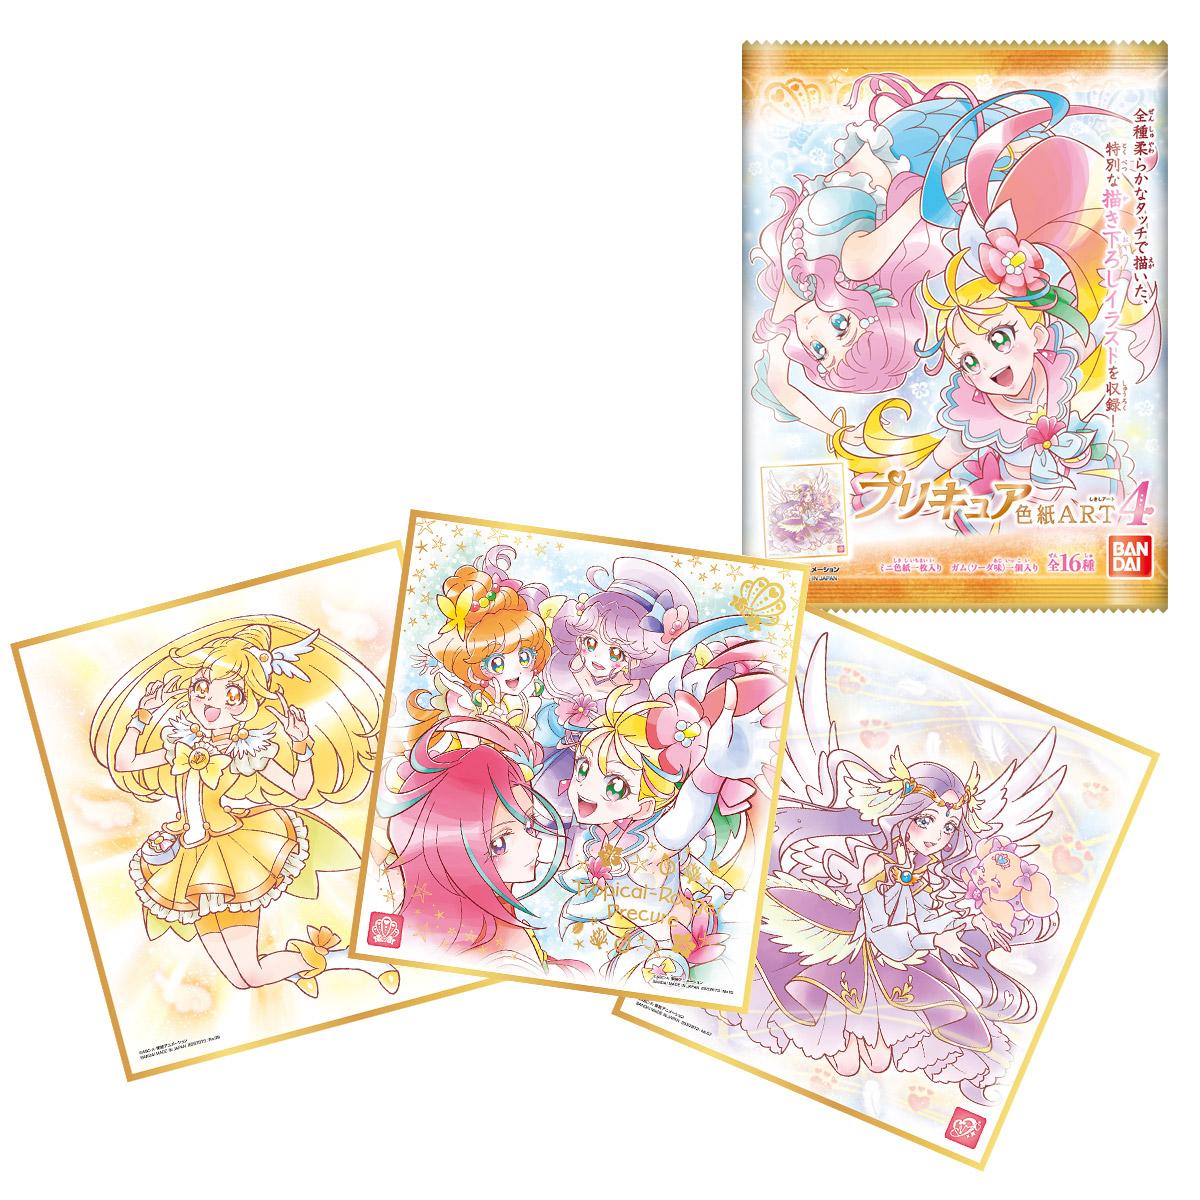 【食玩】プリキュア『プリキュア色紙ART4』10個入りBOX-001